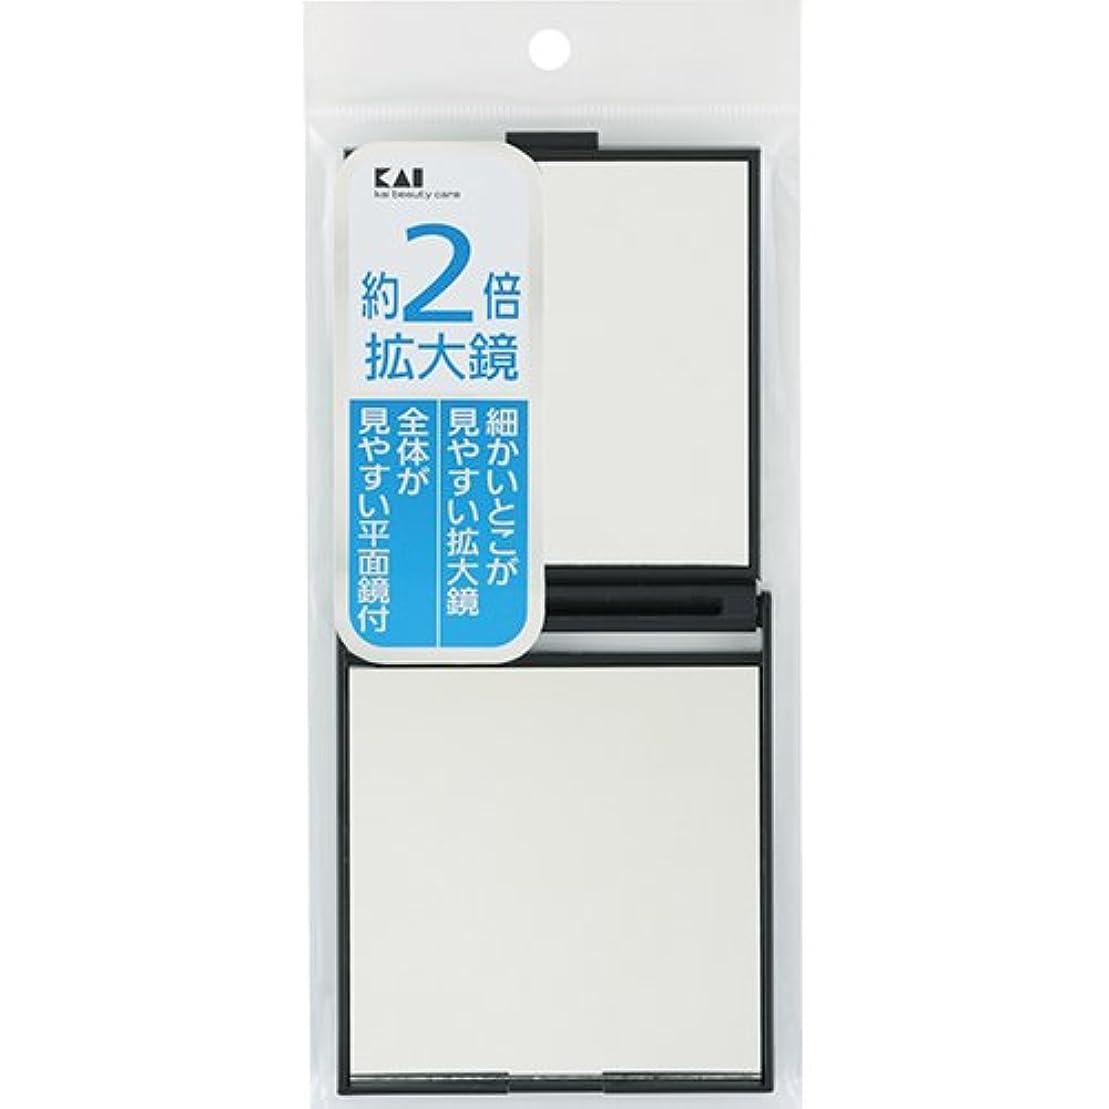 純粋な快適暴動貝印 拡大鏡付コンパクトミラー 黒 KX0754